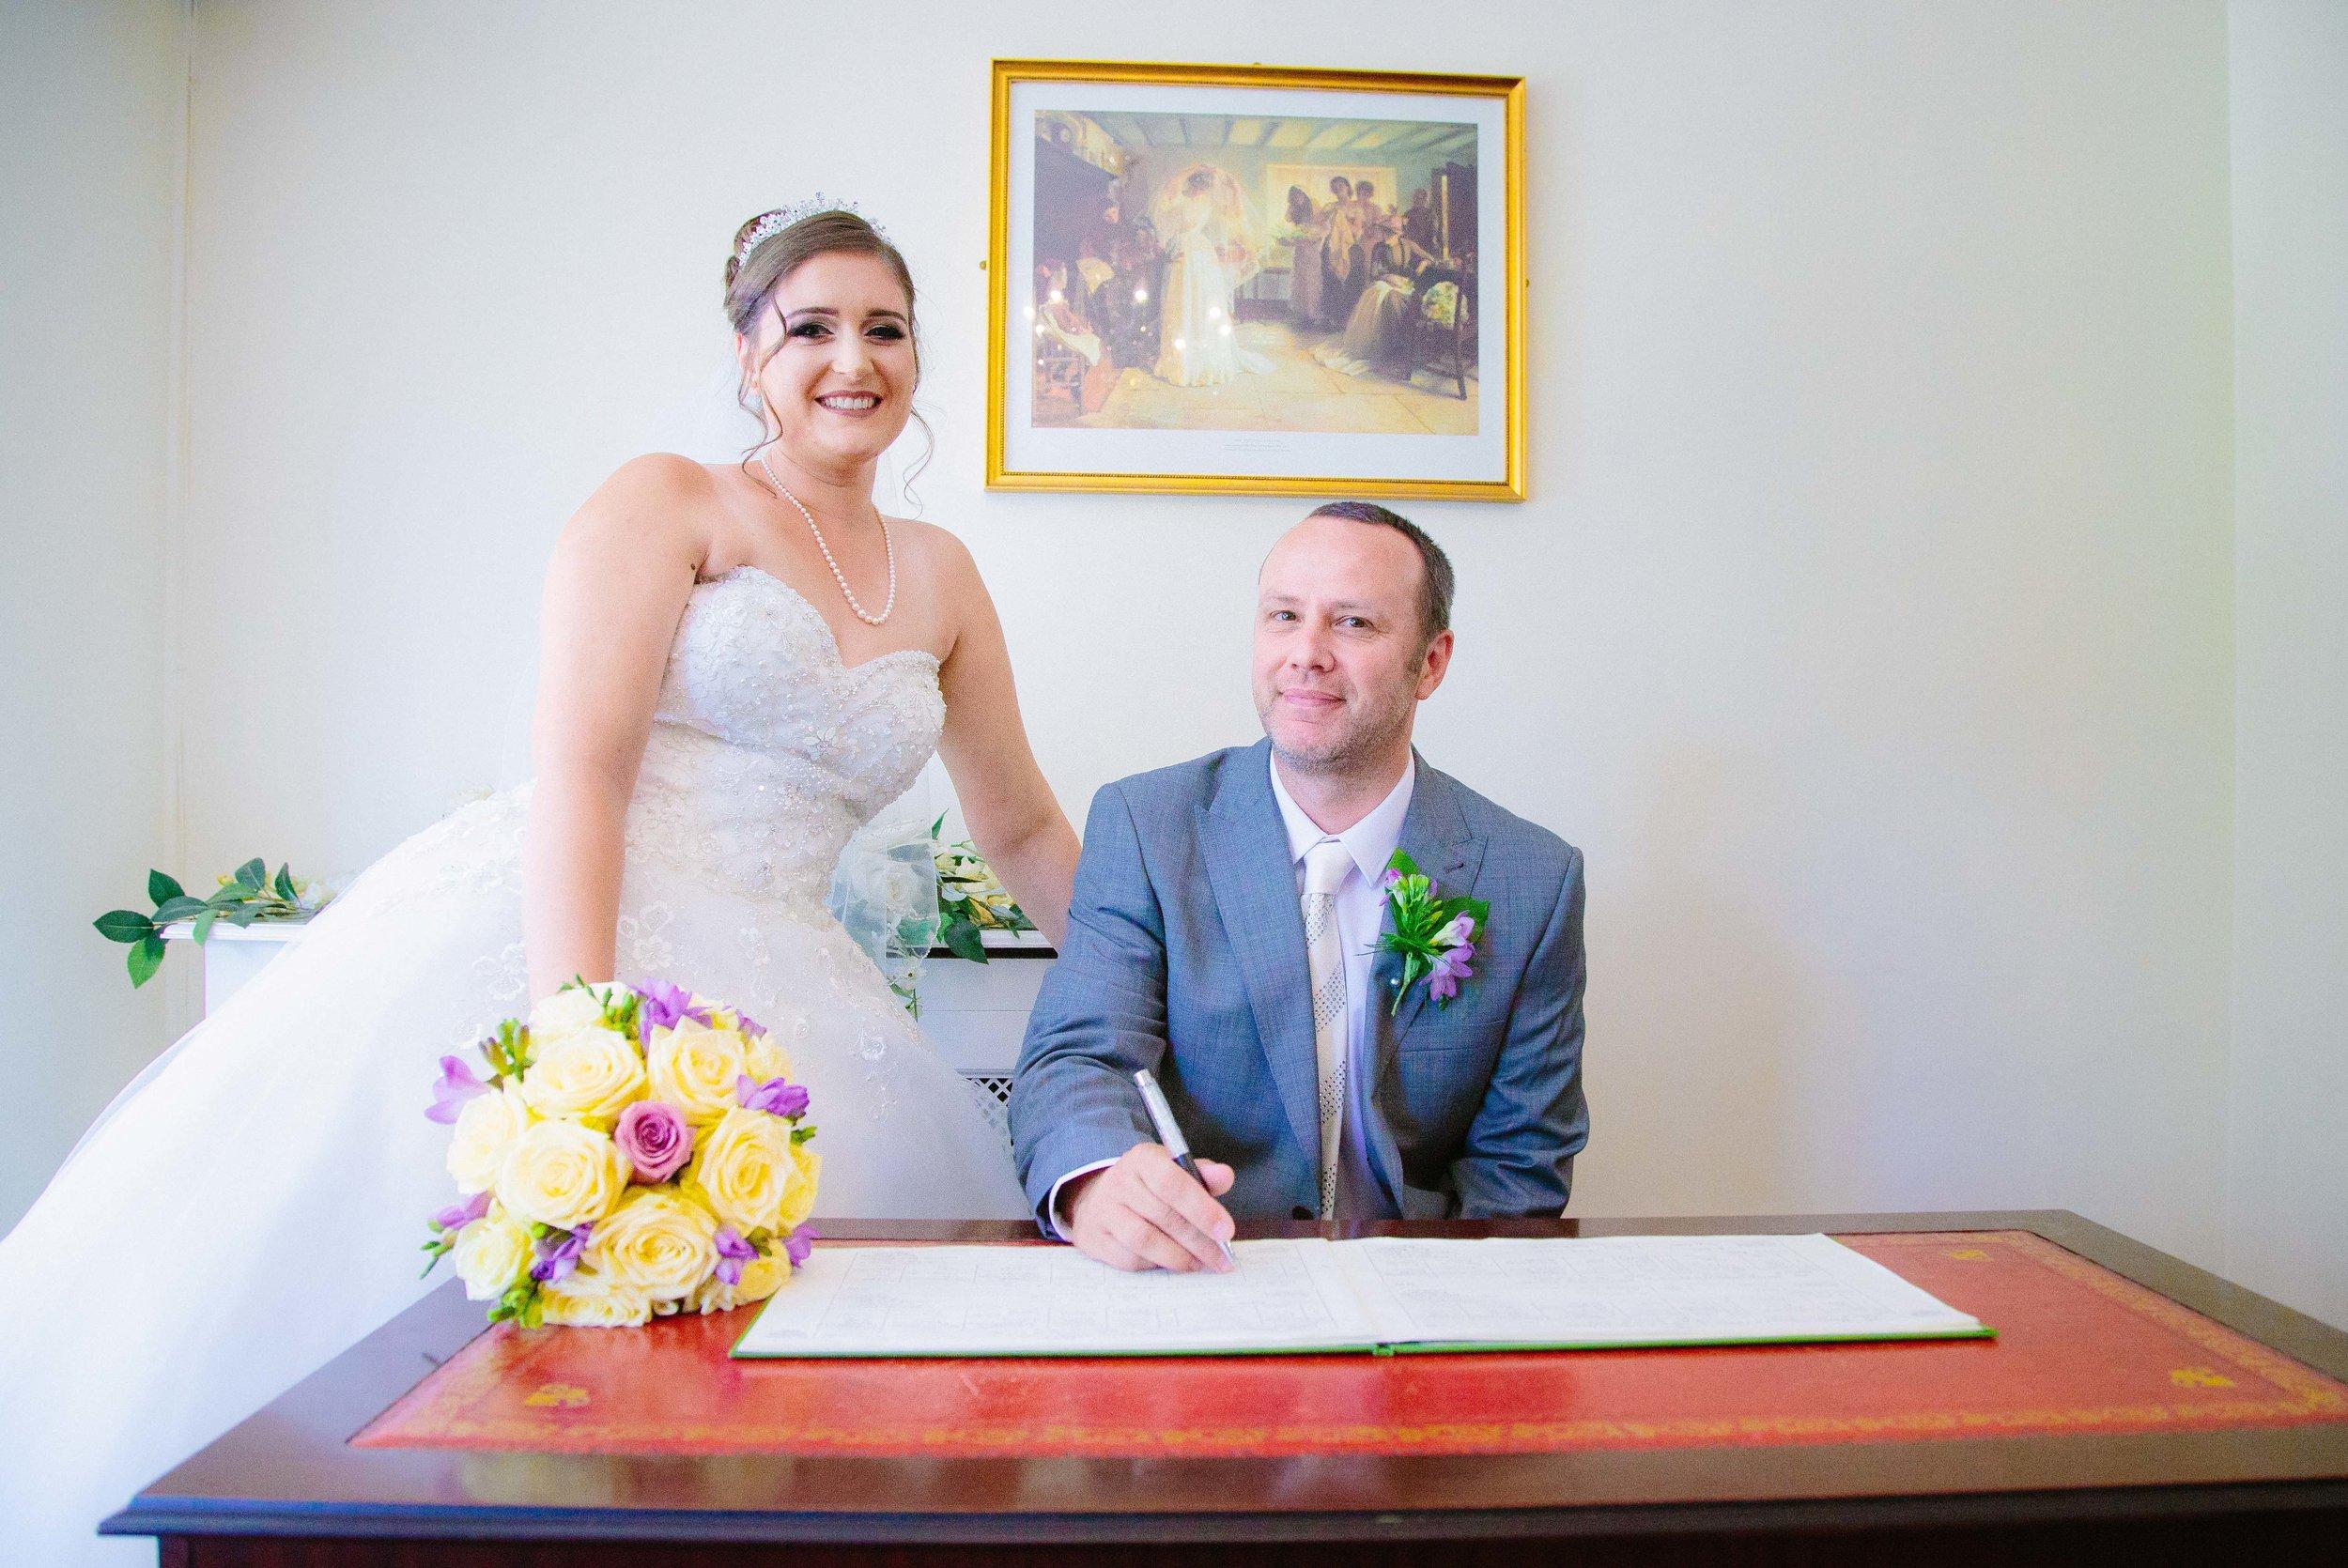 HamptonCourt-Wedding-Weybridge-Surrey-London-OatlandsParkHotel-31